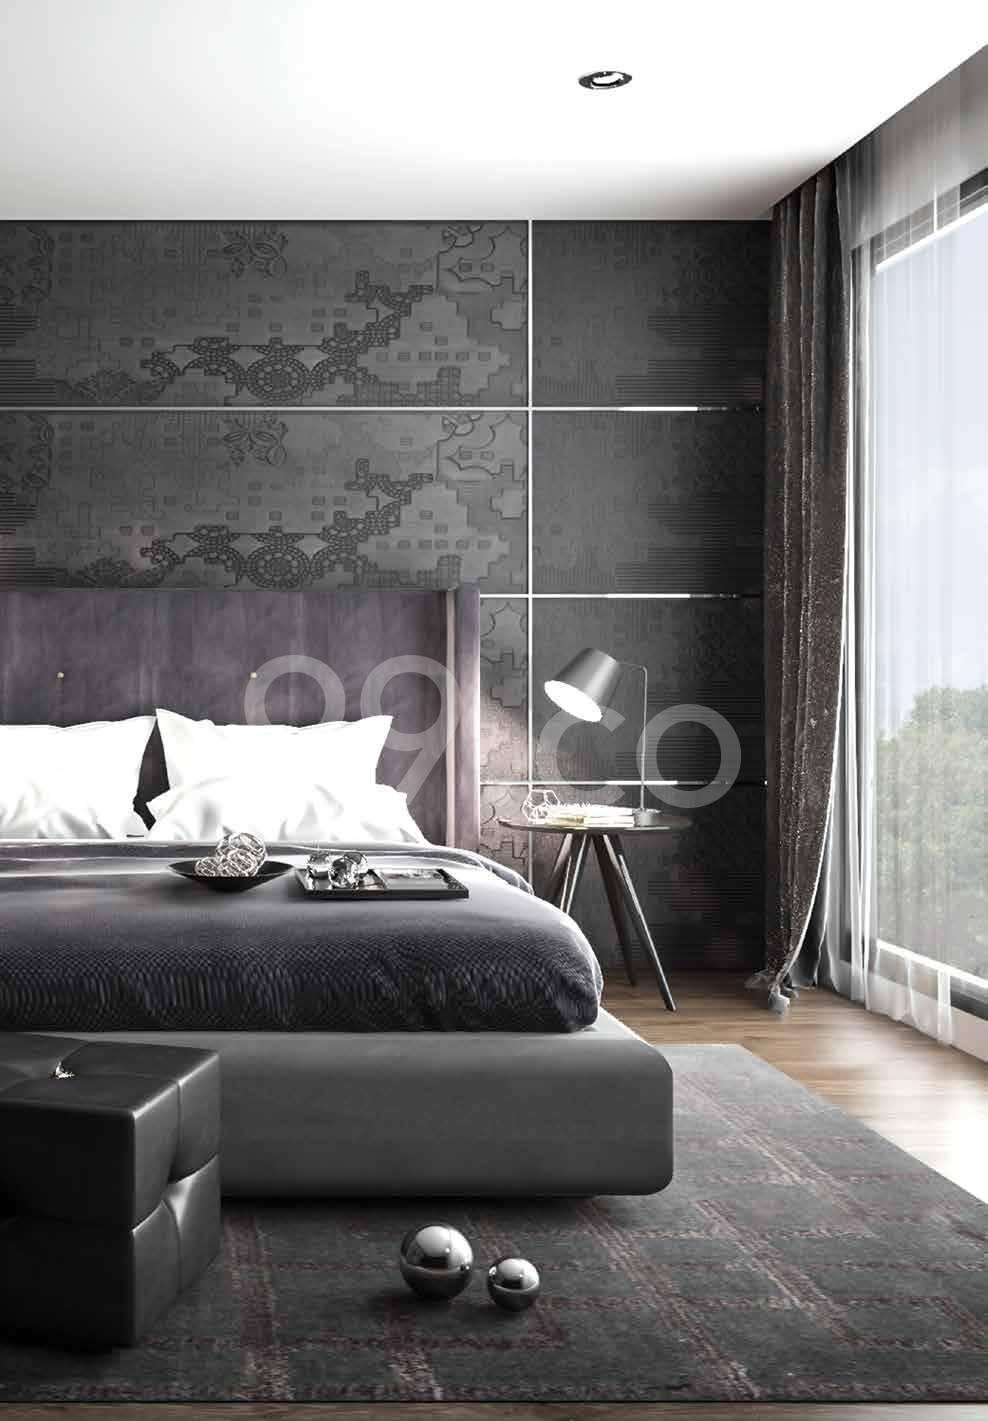 Infini at East Coast Bedroom